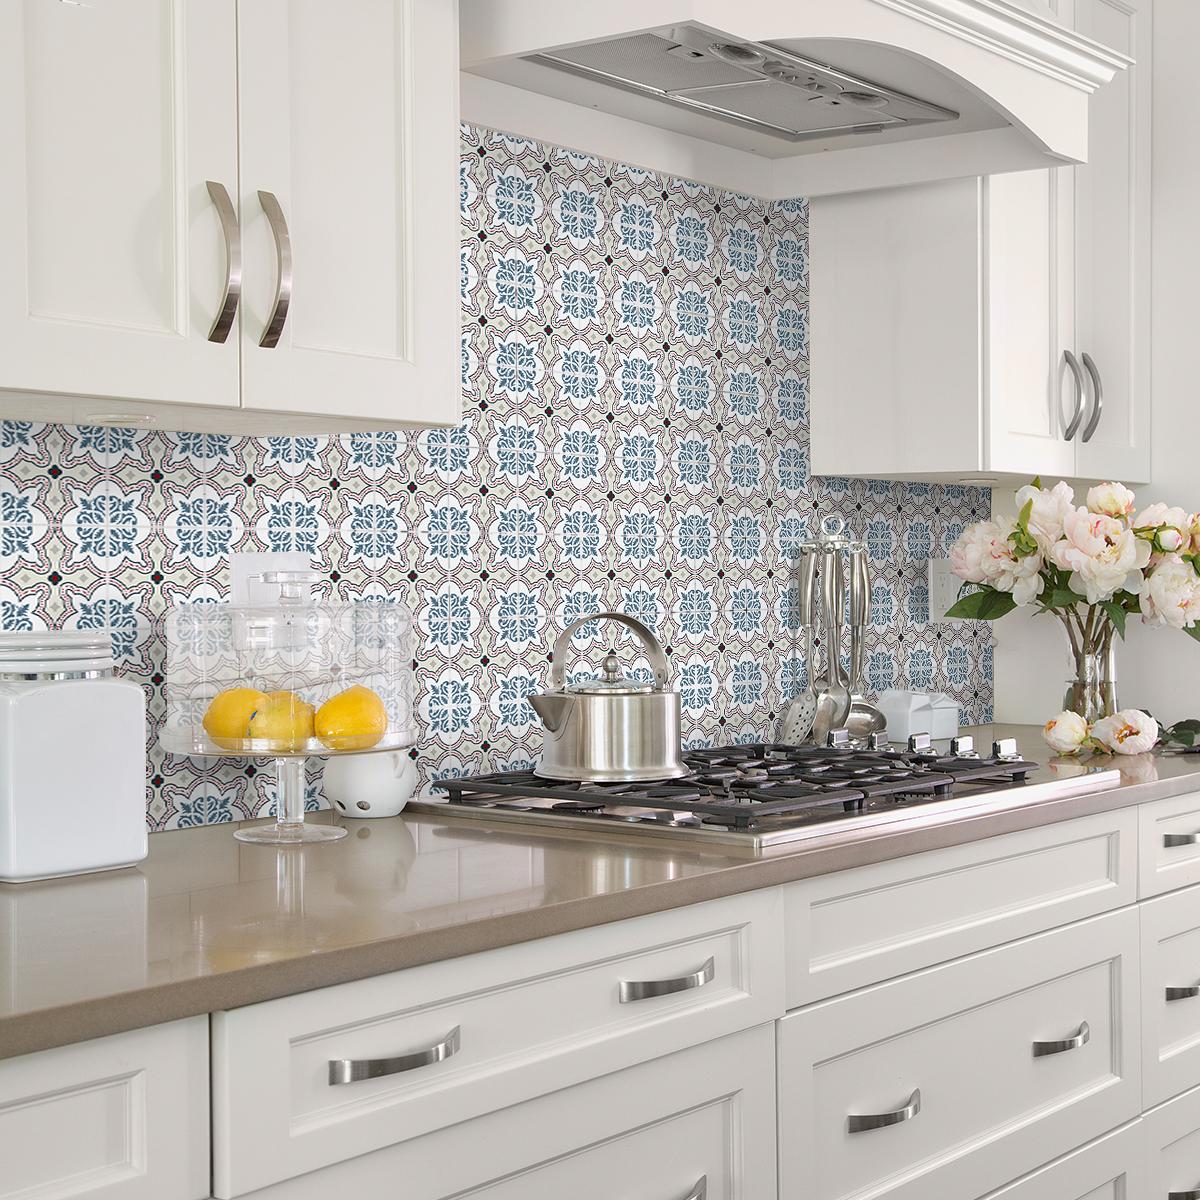 24 stickers carrelages azulejos esp ranza cuisine - Stickers cuisine carrelage ...